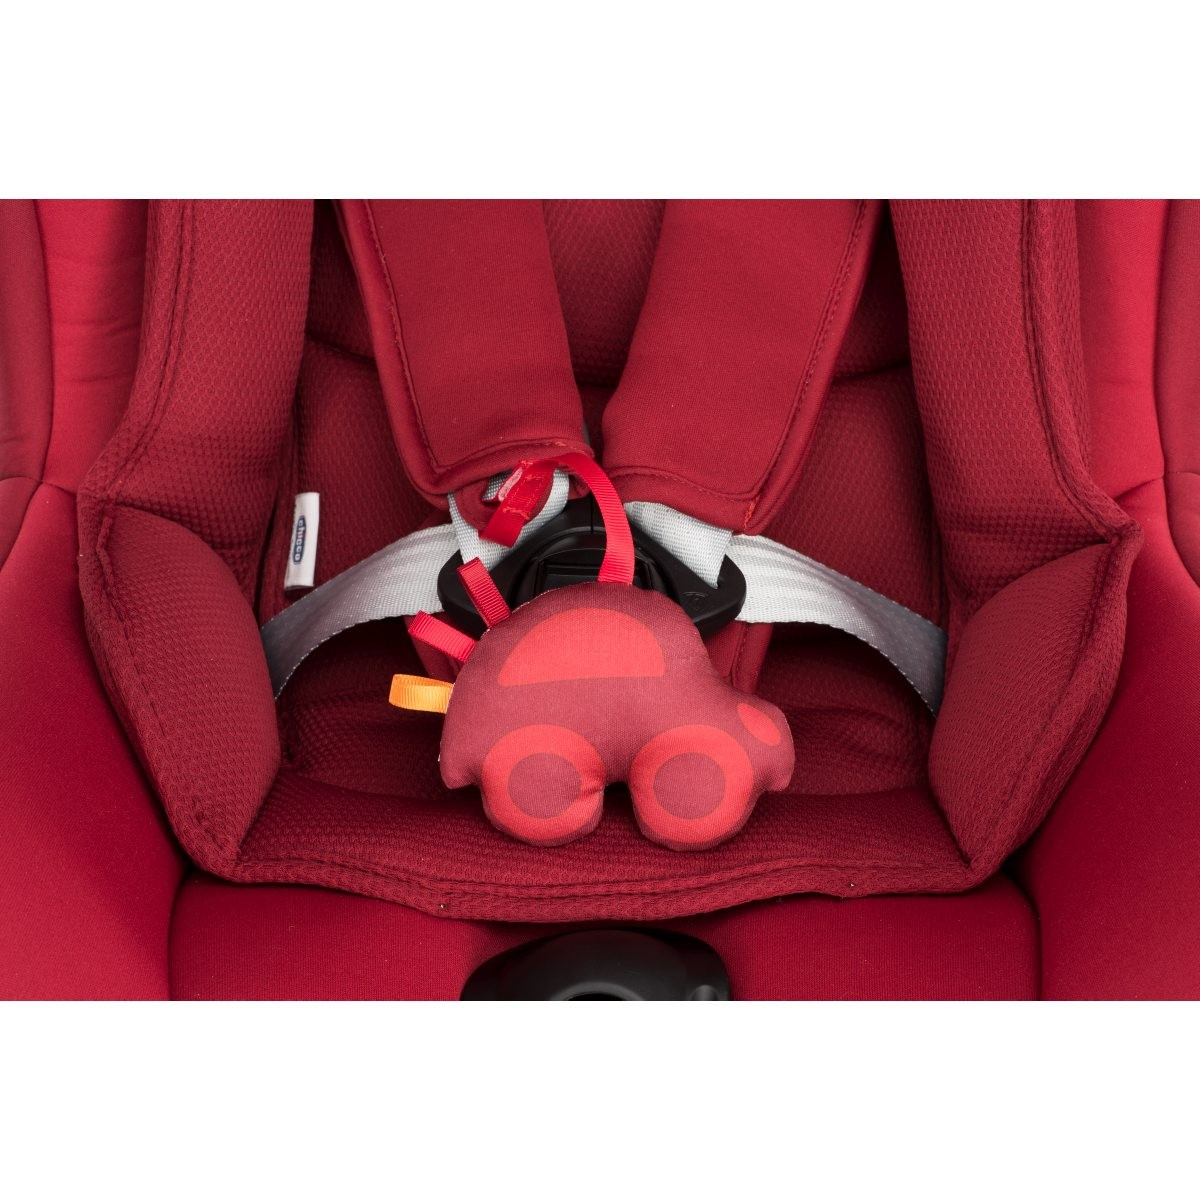 Автокресло Chicco Cosmos RED PASSION (+ Защитный чехол СМЕШАРИКИ в подарок!)